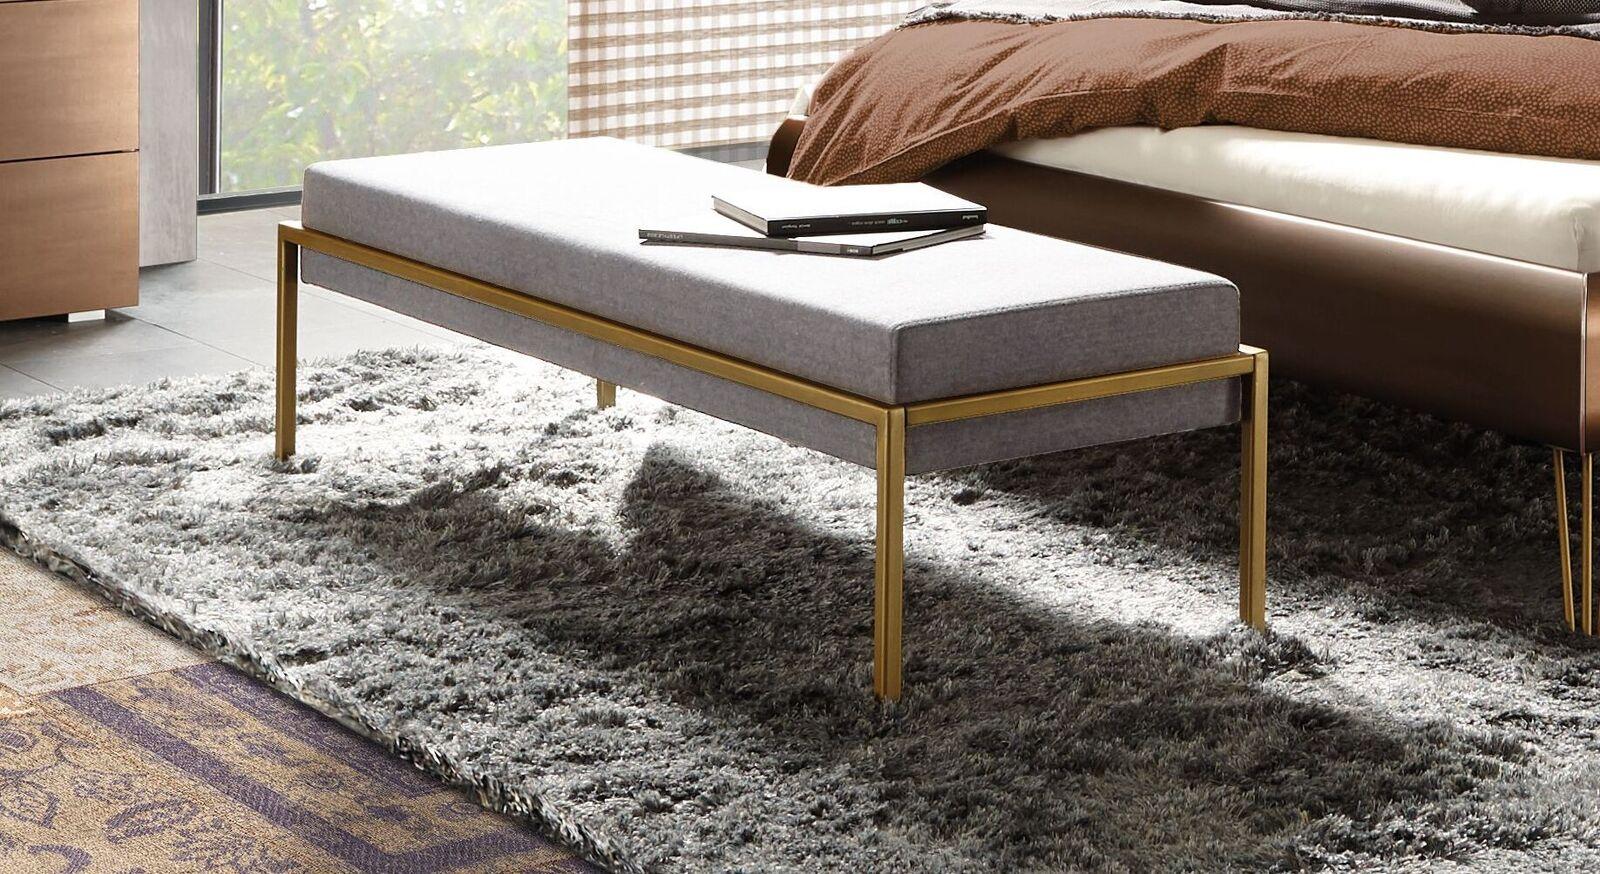 Bettbank Sirone mit weißgrauem Velours-Bezug